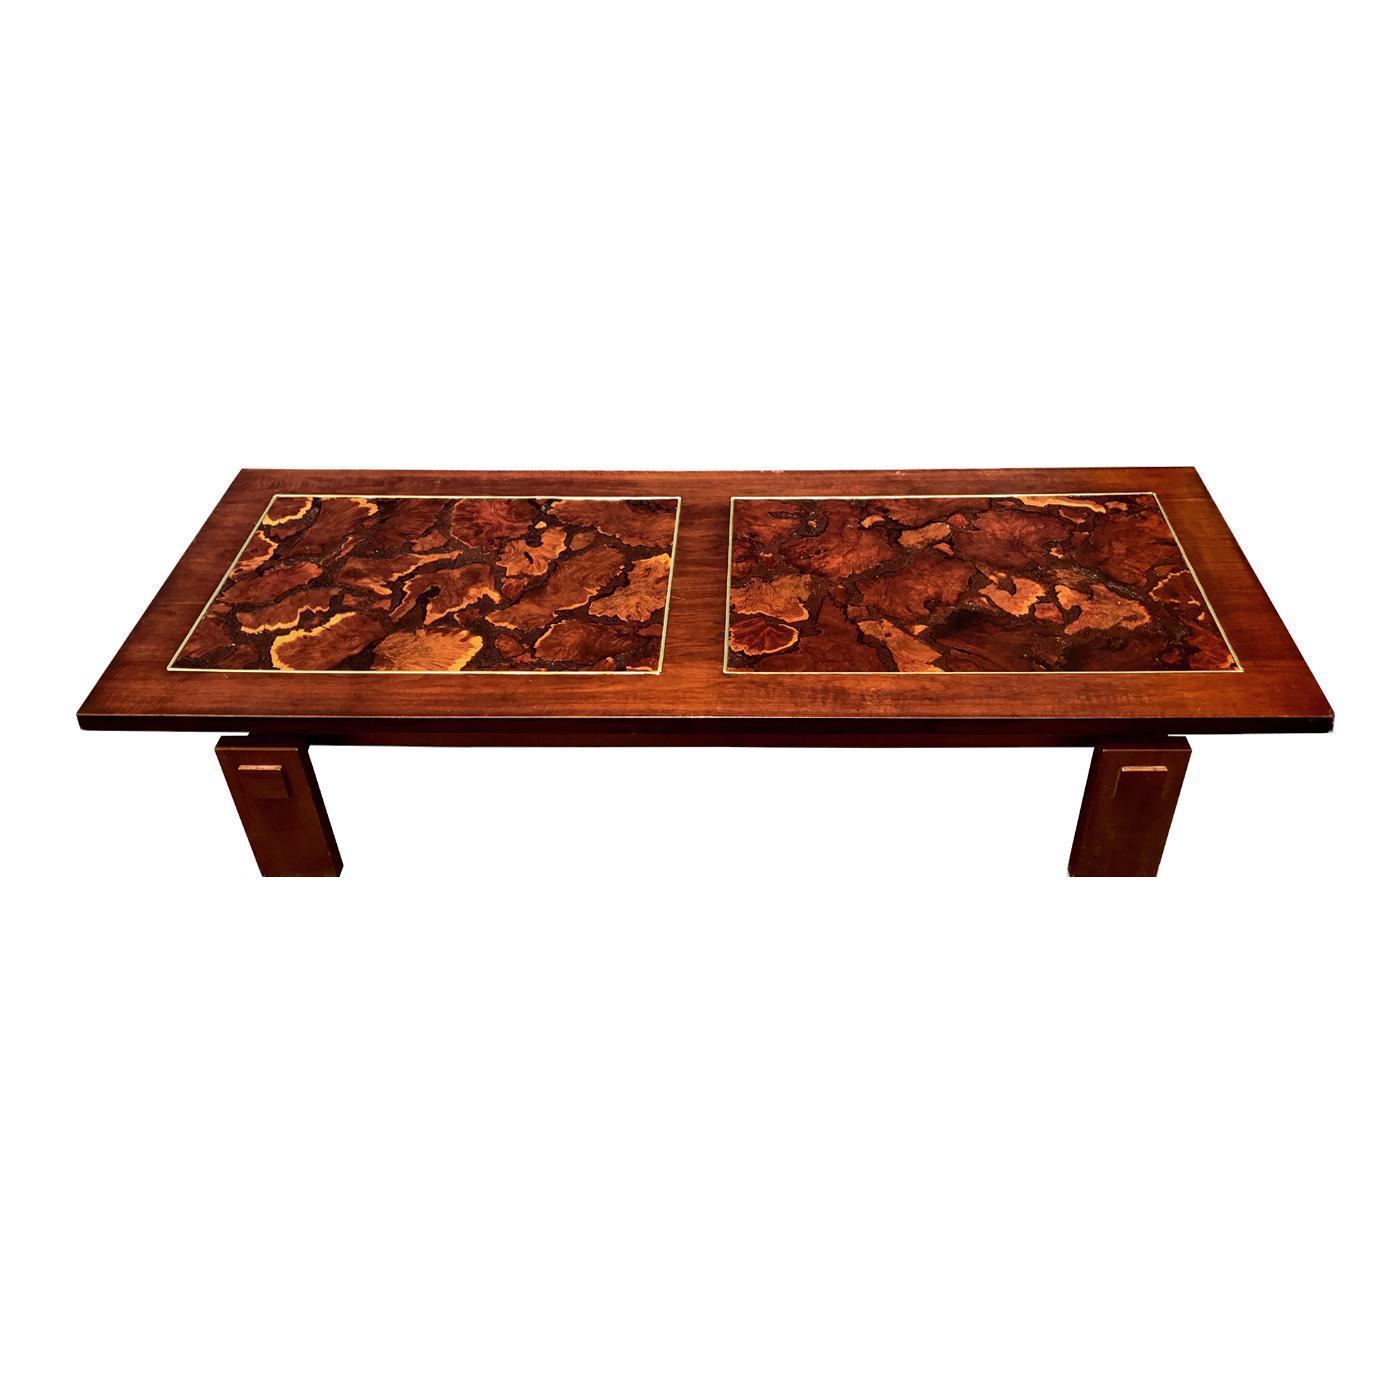 lane mid century burl wood coffee table chairish rh chairish com burl wood coffee table california burl wood coffee table glass top